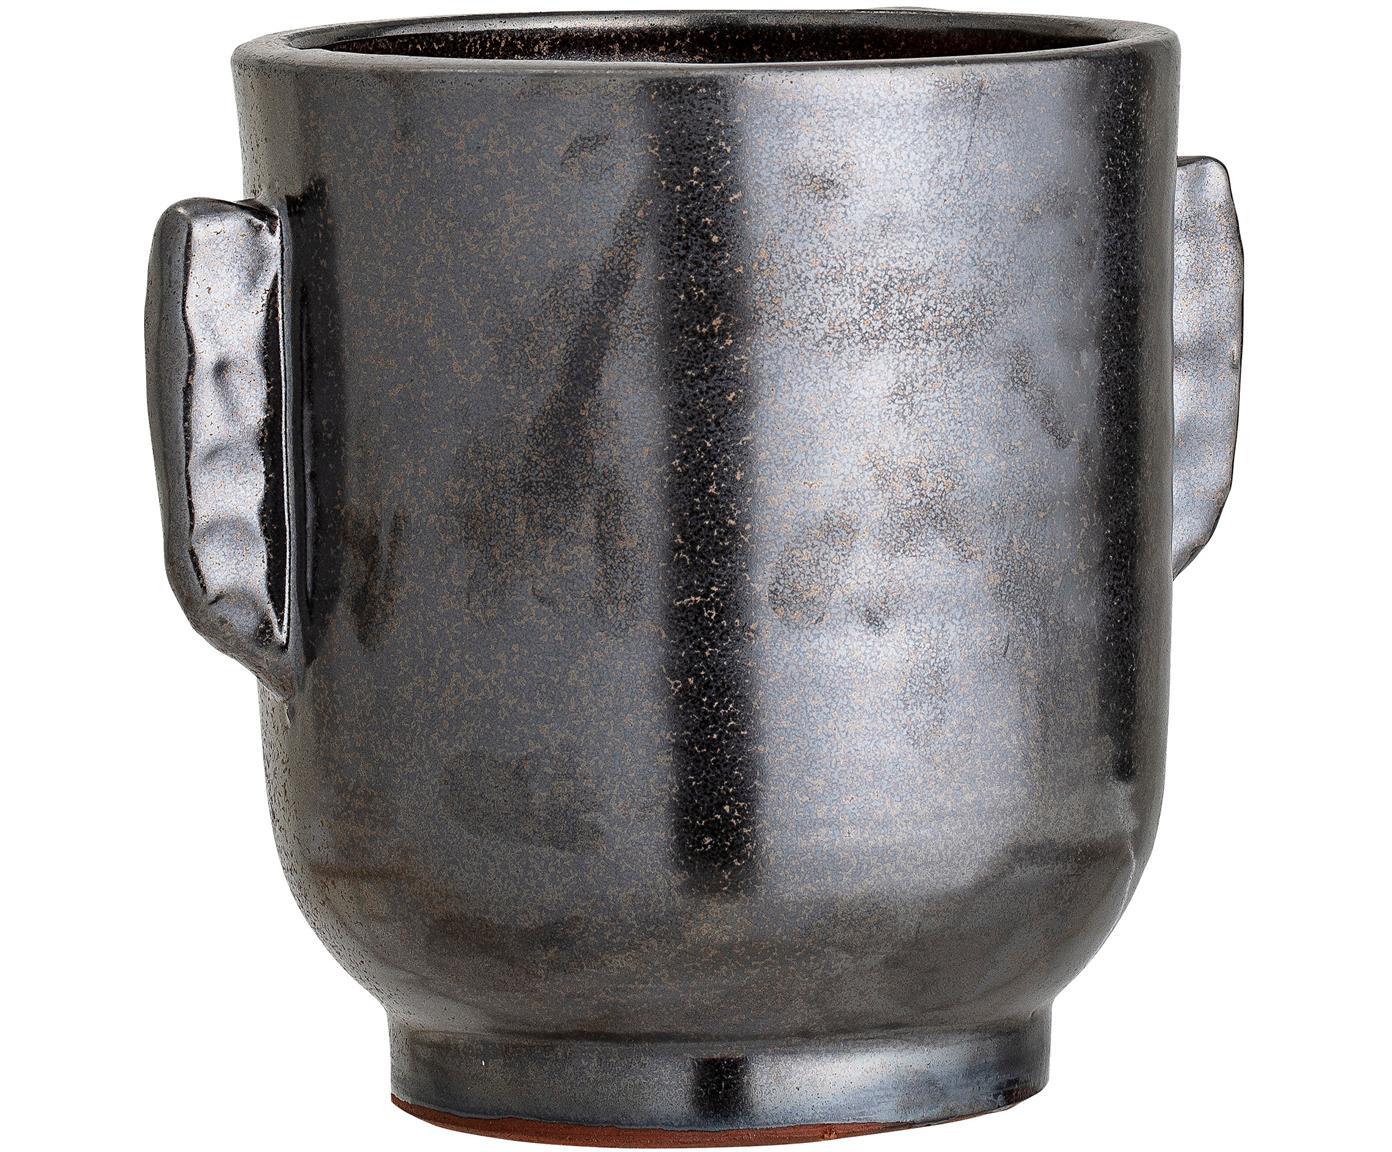 Portavaso fatto a mano Misa, Terracotta, Nero, Ø 18 x Alt. 20 cm